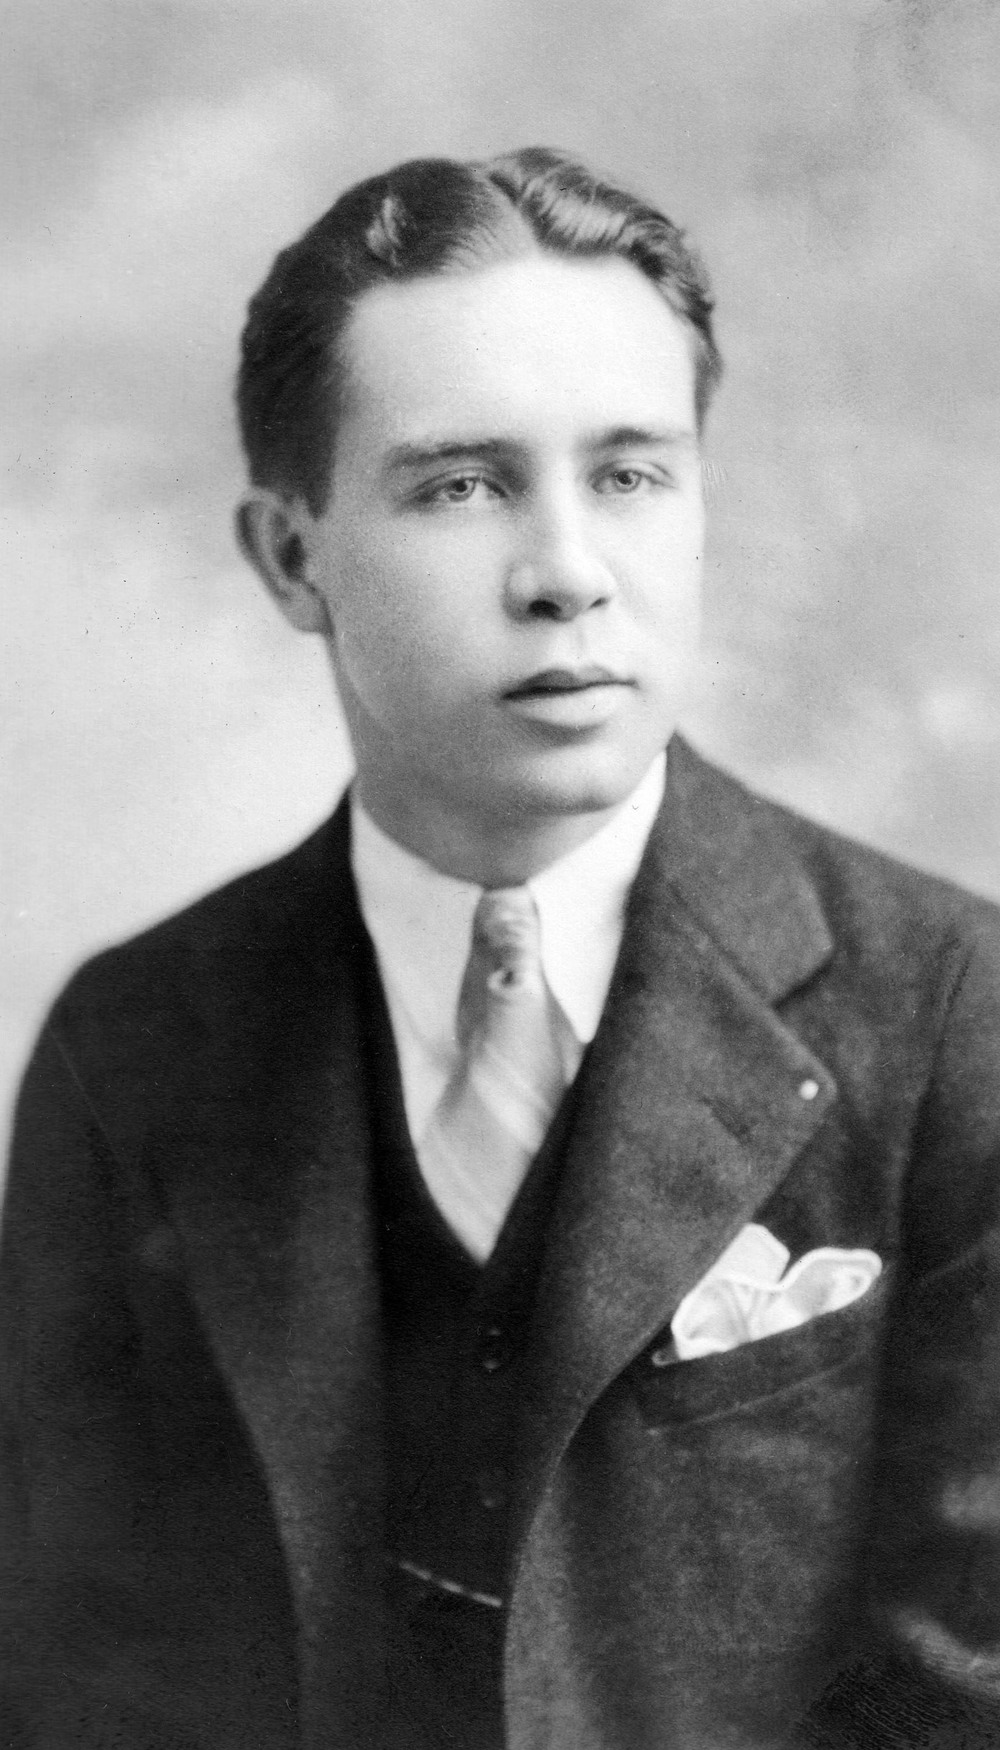 John J. Bowman 1929